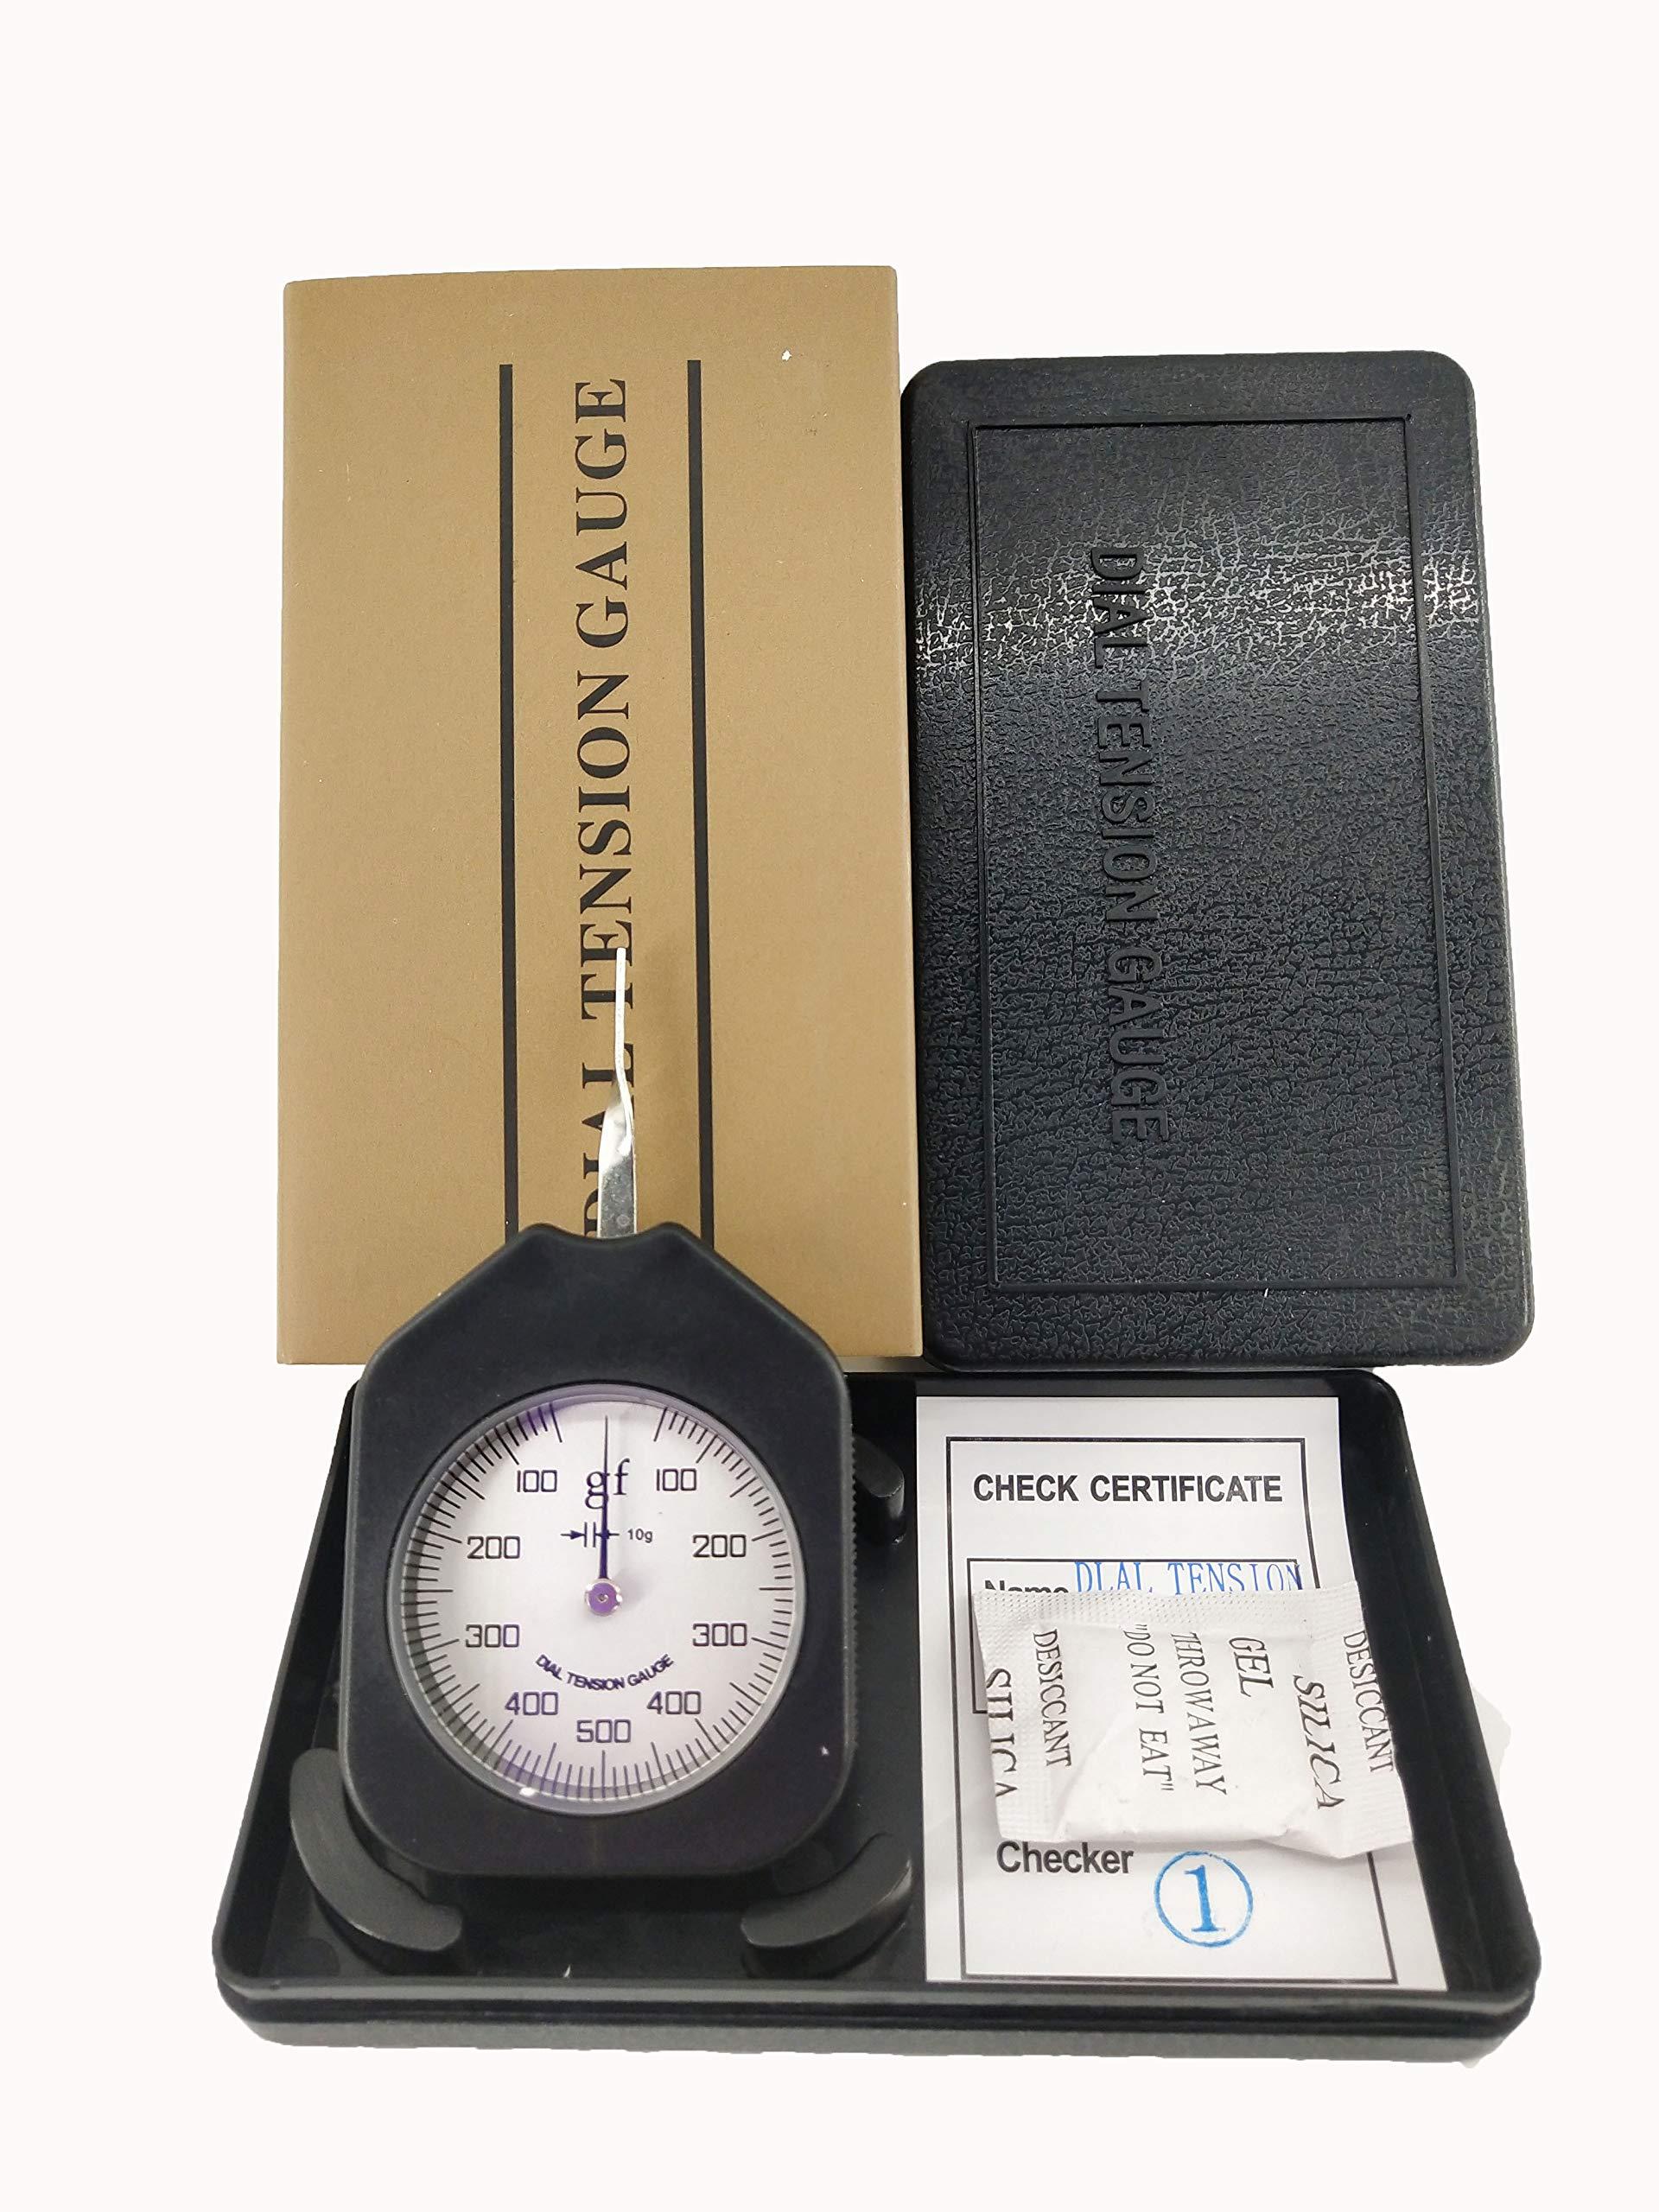 HFBTE ATG-500-1 Single Pointer Tension Meter Gauge Tester with Pocket Size 100-500-100g Measurement Range Gram Force Meter by HFBTE